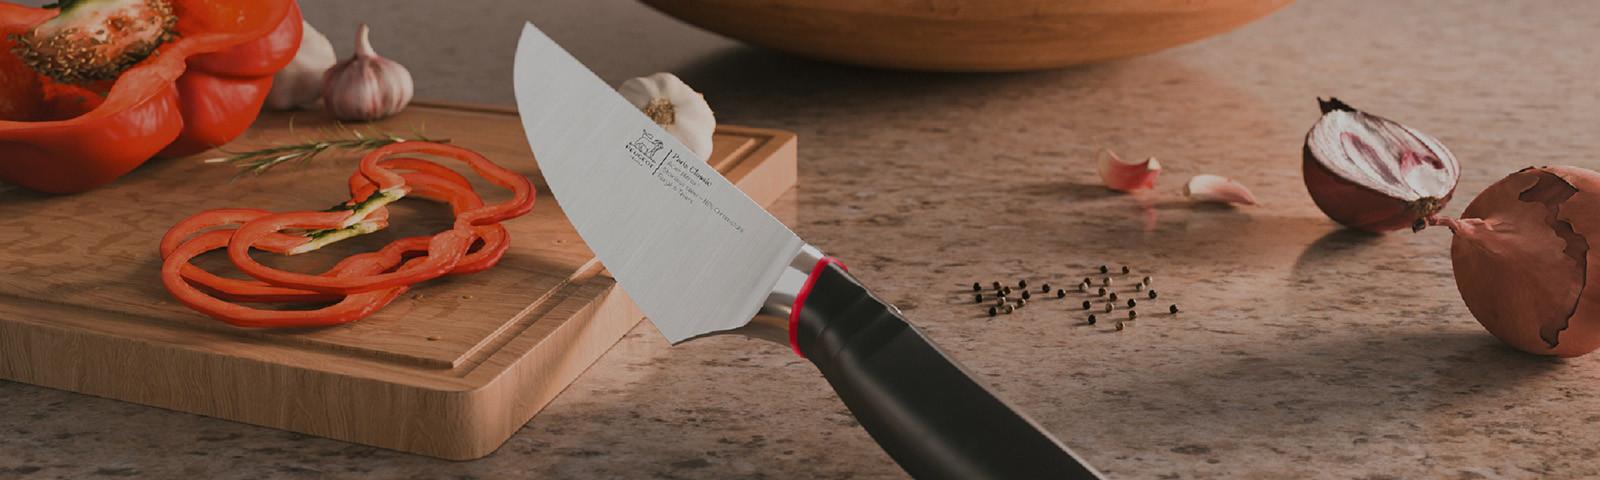 Peugeot Saveurs lanza una nueva gama de cuchillos para los cocineros exigentes